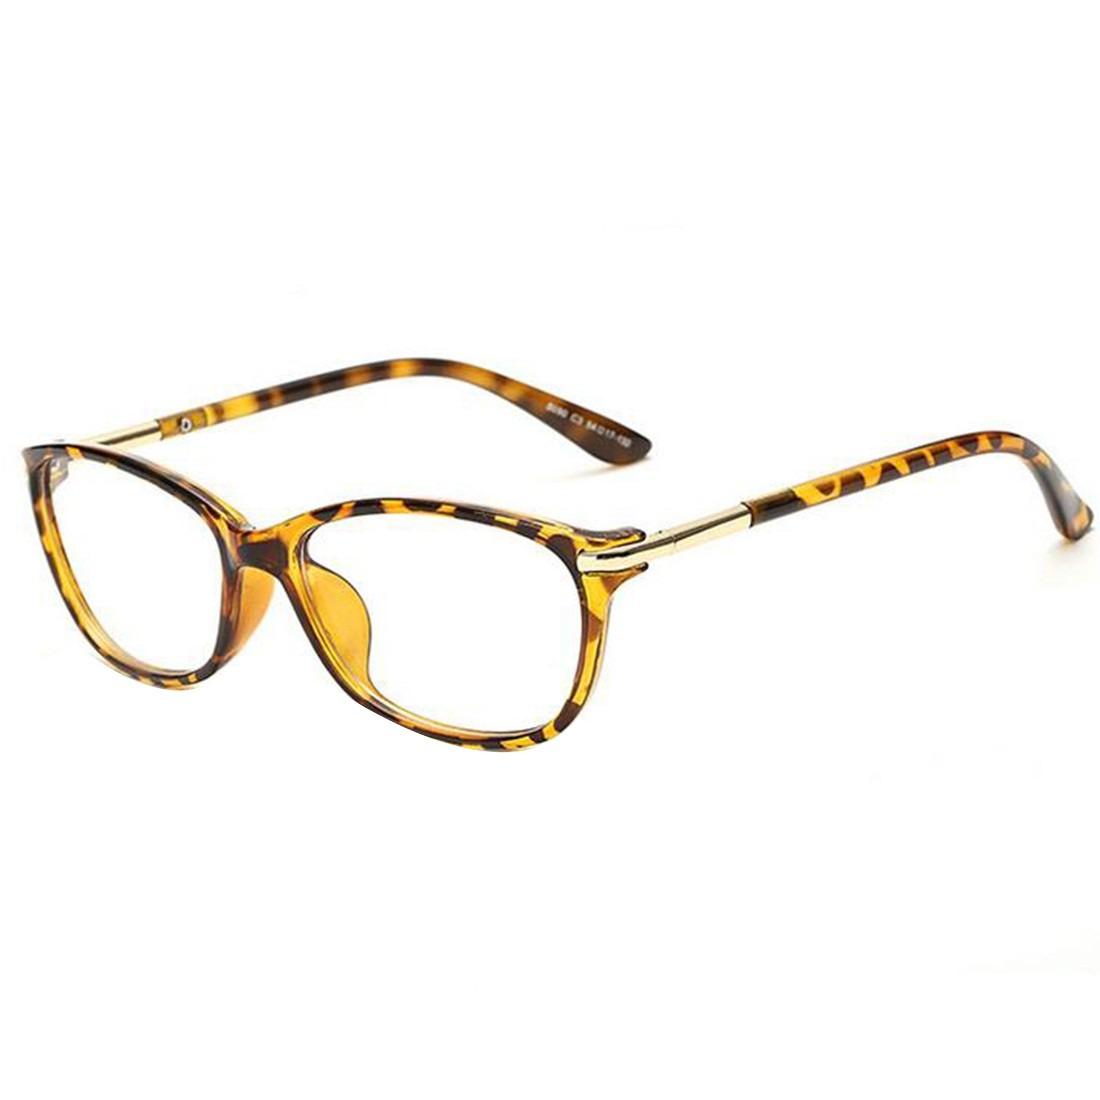 631812ba62458 armação óculos de grau - acetato quadrado novo feminino bc. Carregando zoom.